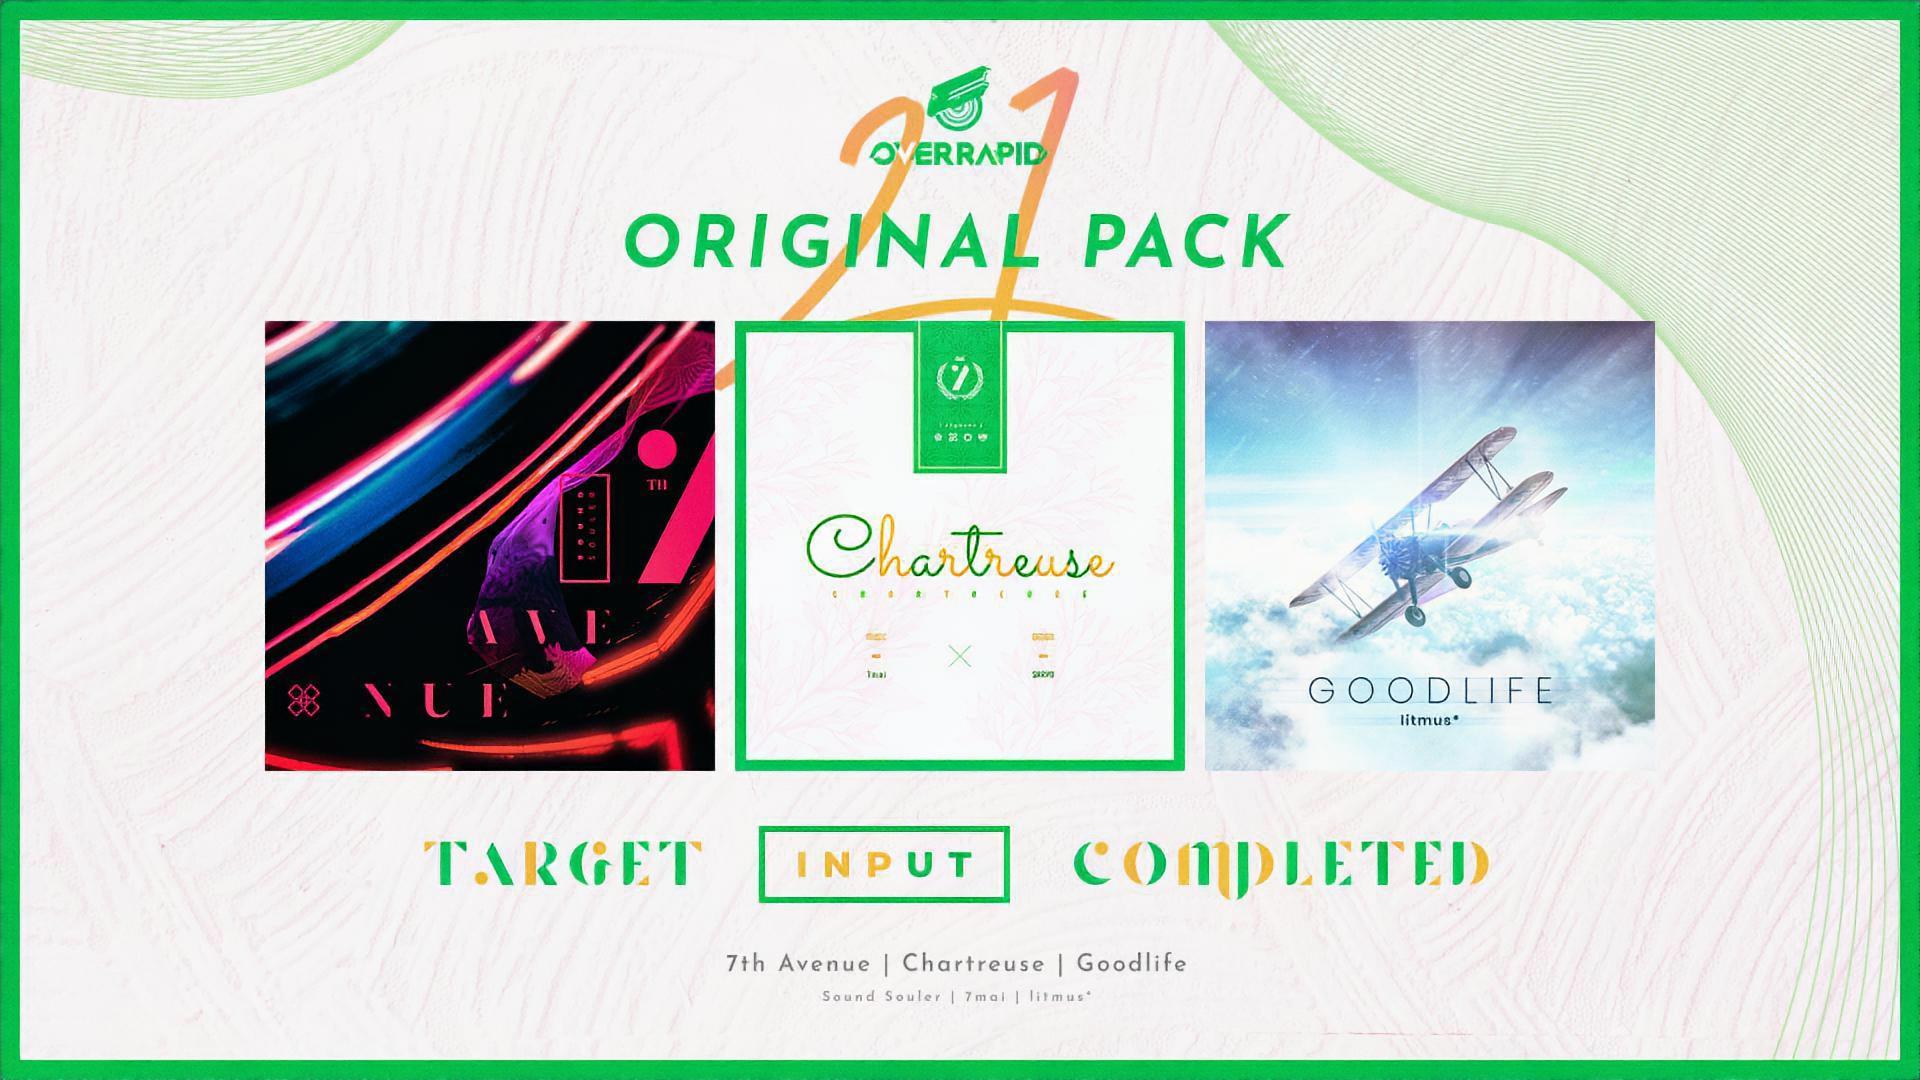 originalpack21.jpg